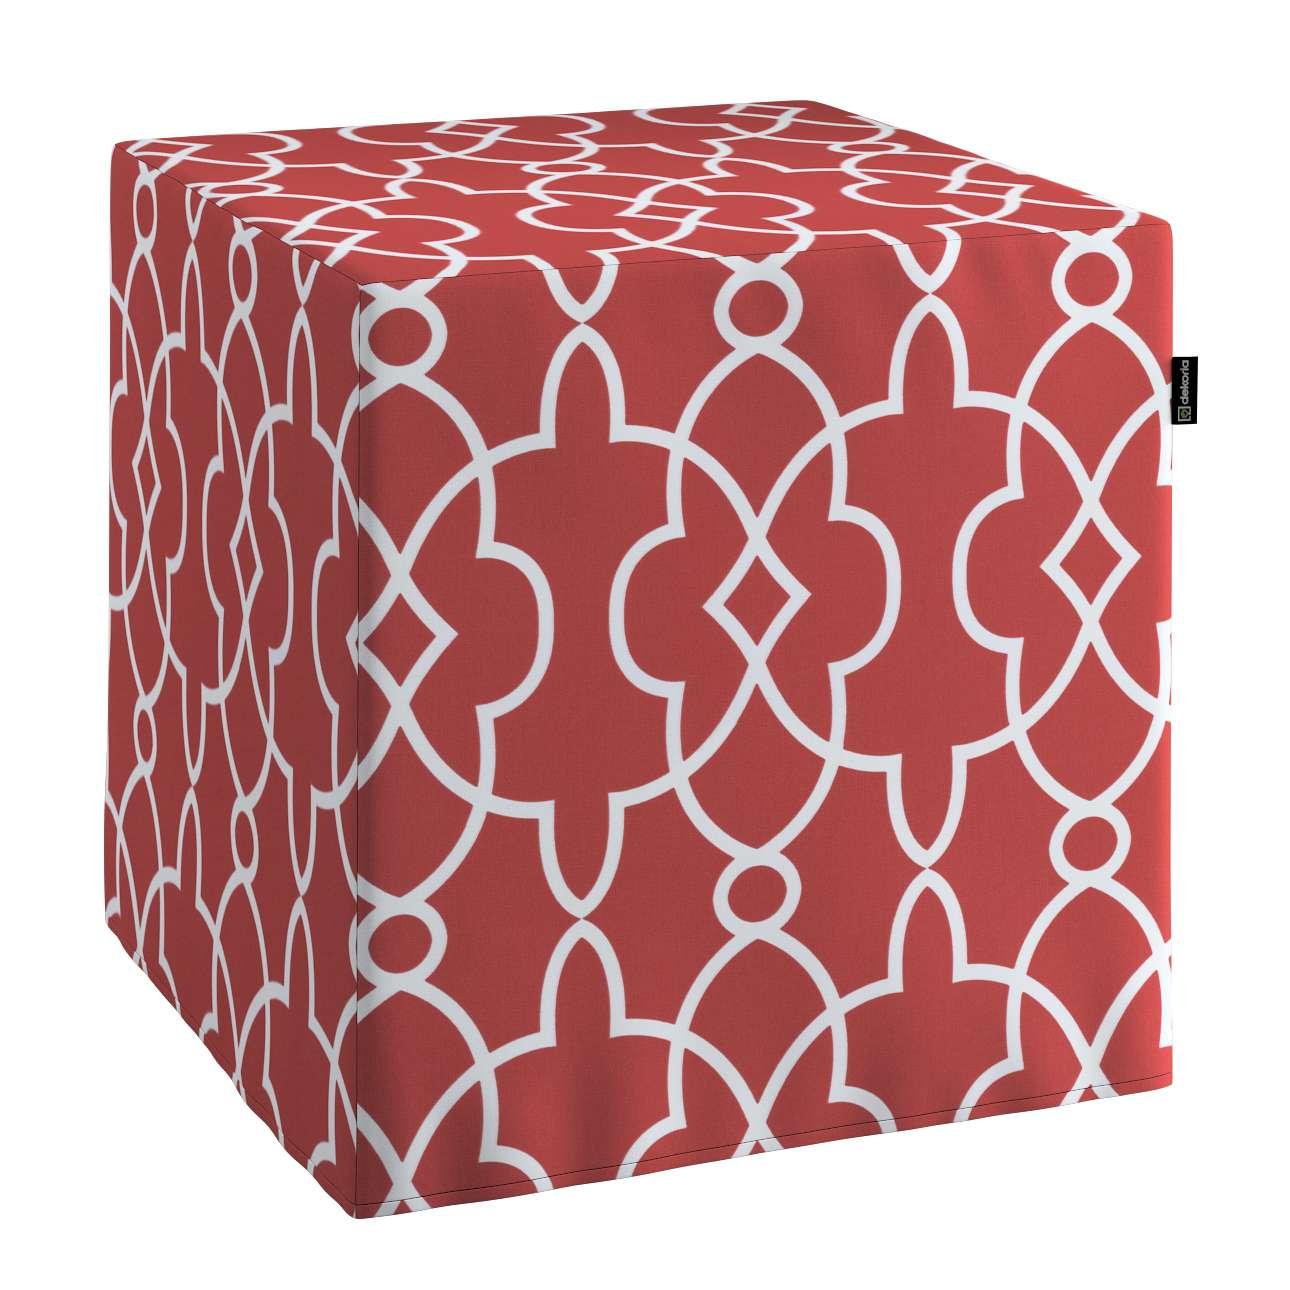 Sedák Cube - kostka pevná 40x40x40 v kolekci Gardenia, látka: 142-21